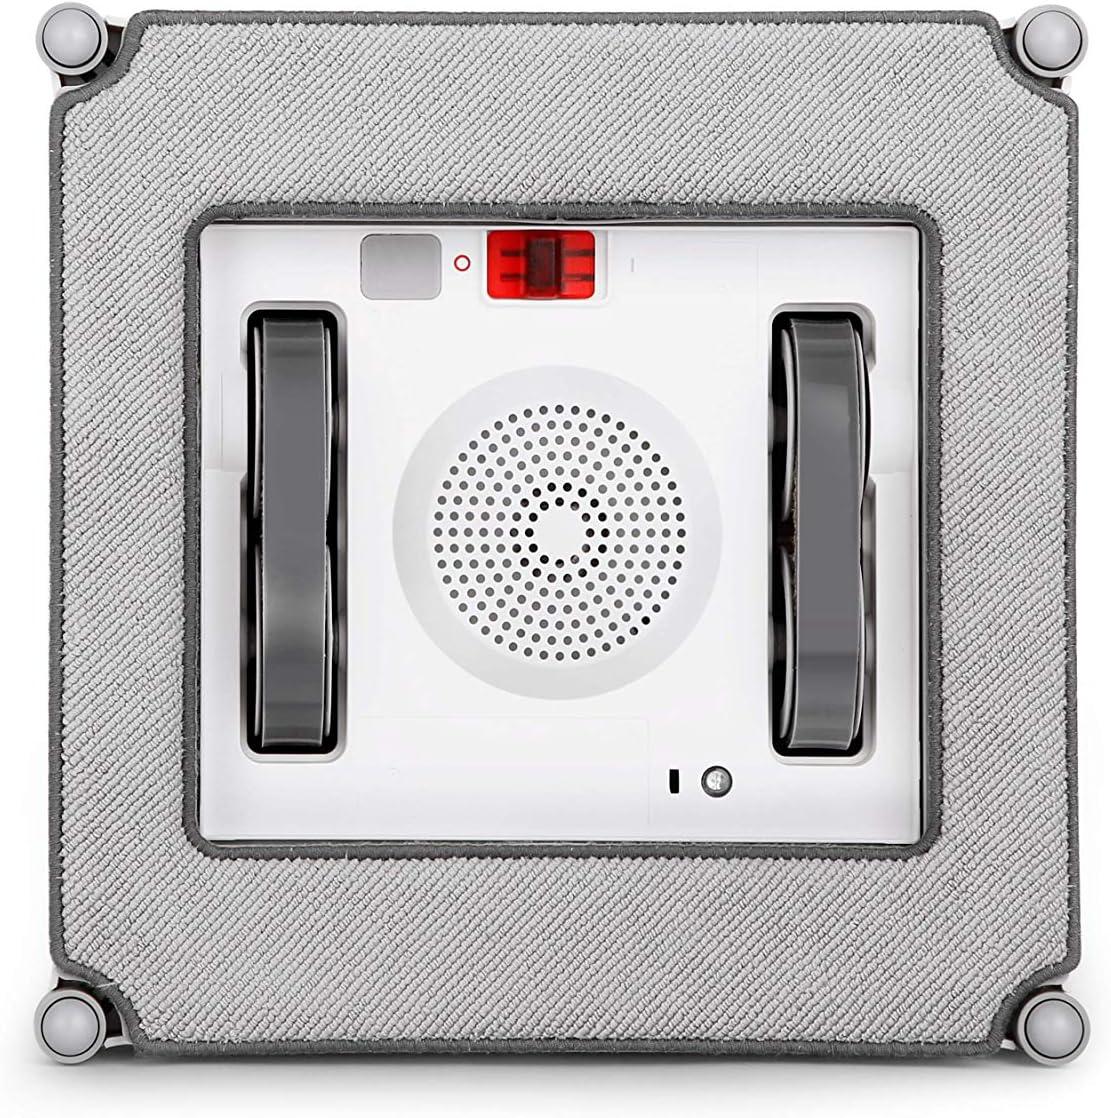 Neuheit 2021 : Intelligenter Fensterputzroboter mit Sicherheitssystem ECOVACS WINBOT 920 Smartphone-Steuerung via App und tragbarer Aufbewahrungstasche f/ür Fensterputzer Roboter Weiss